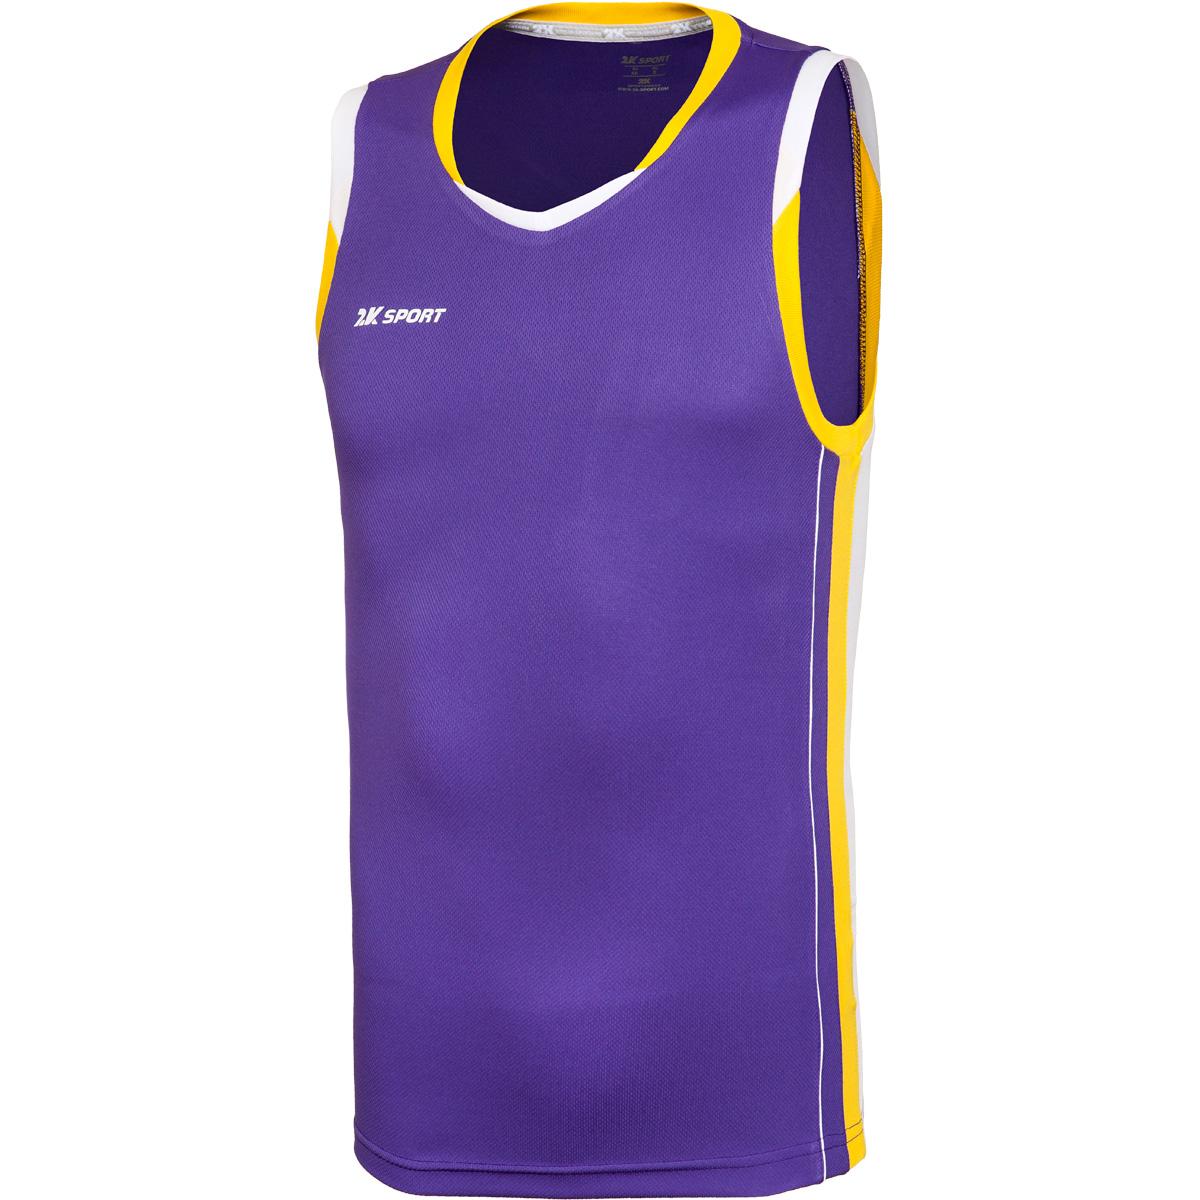 Майка баскетбольная мужская 2K Sport Advance, цвет: фиолетовый, желтый, белый. 130030. Размер M (48)130030_violet/yellow/whiteПрофессиональная баскетбольная игровая майка от 2K Sport создана для того, чтобы вам ничего не мешало демонстрировать великолепную игру на паркете против самых грозных соперников. Особая сетчатая структура ткани позволяет сделать майку практически невесомой, сохраняя при этом прочность и эластичность. Стильный двухцветный кант по вороту и рукаву. Боковые контрастные вставки.